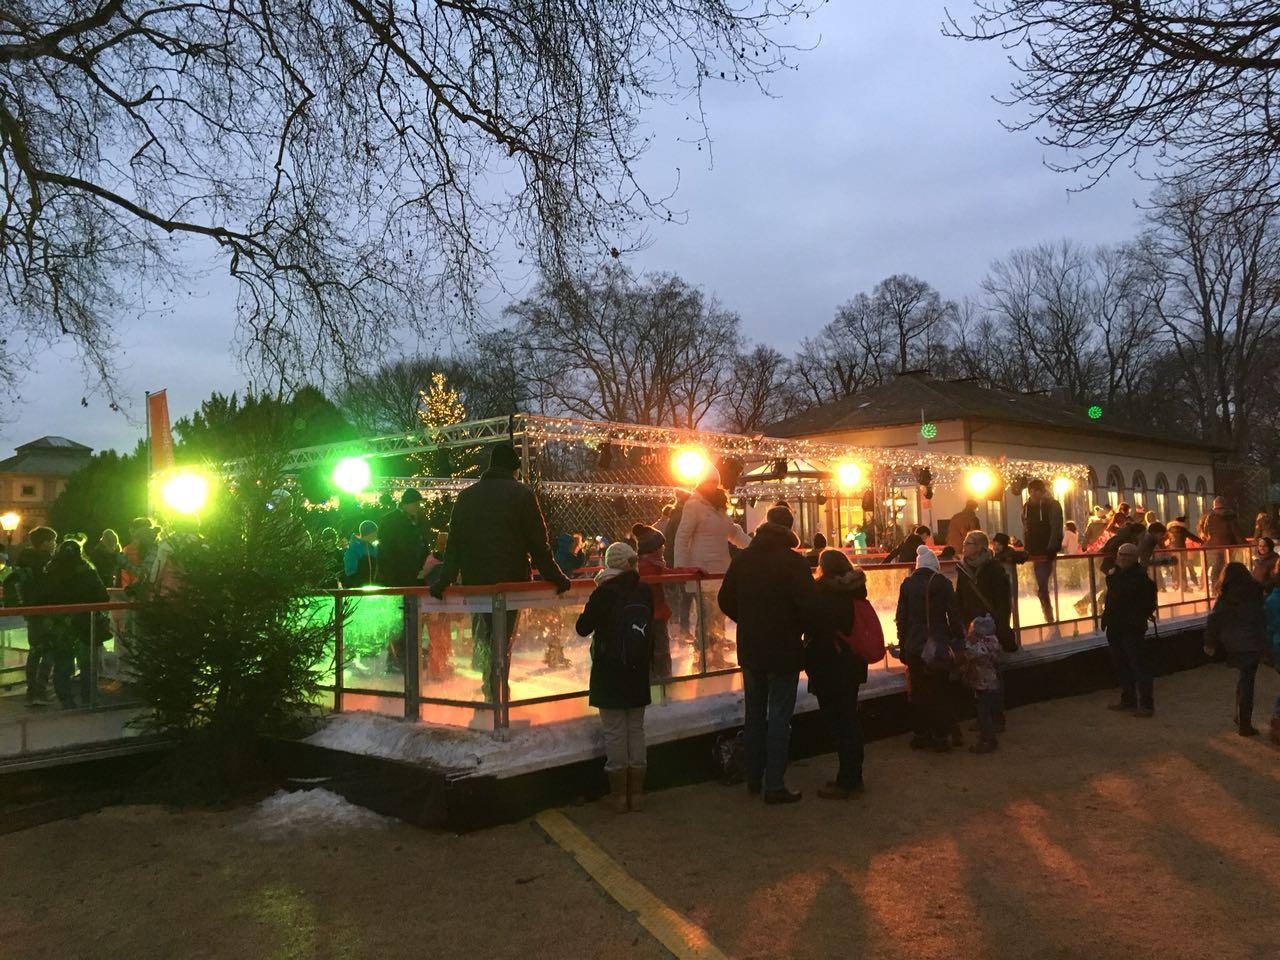 Eislaufbahn von aussen in Bad Homburg bei Frankfurt